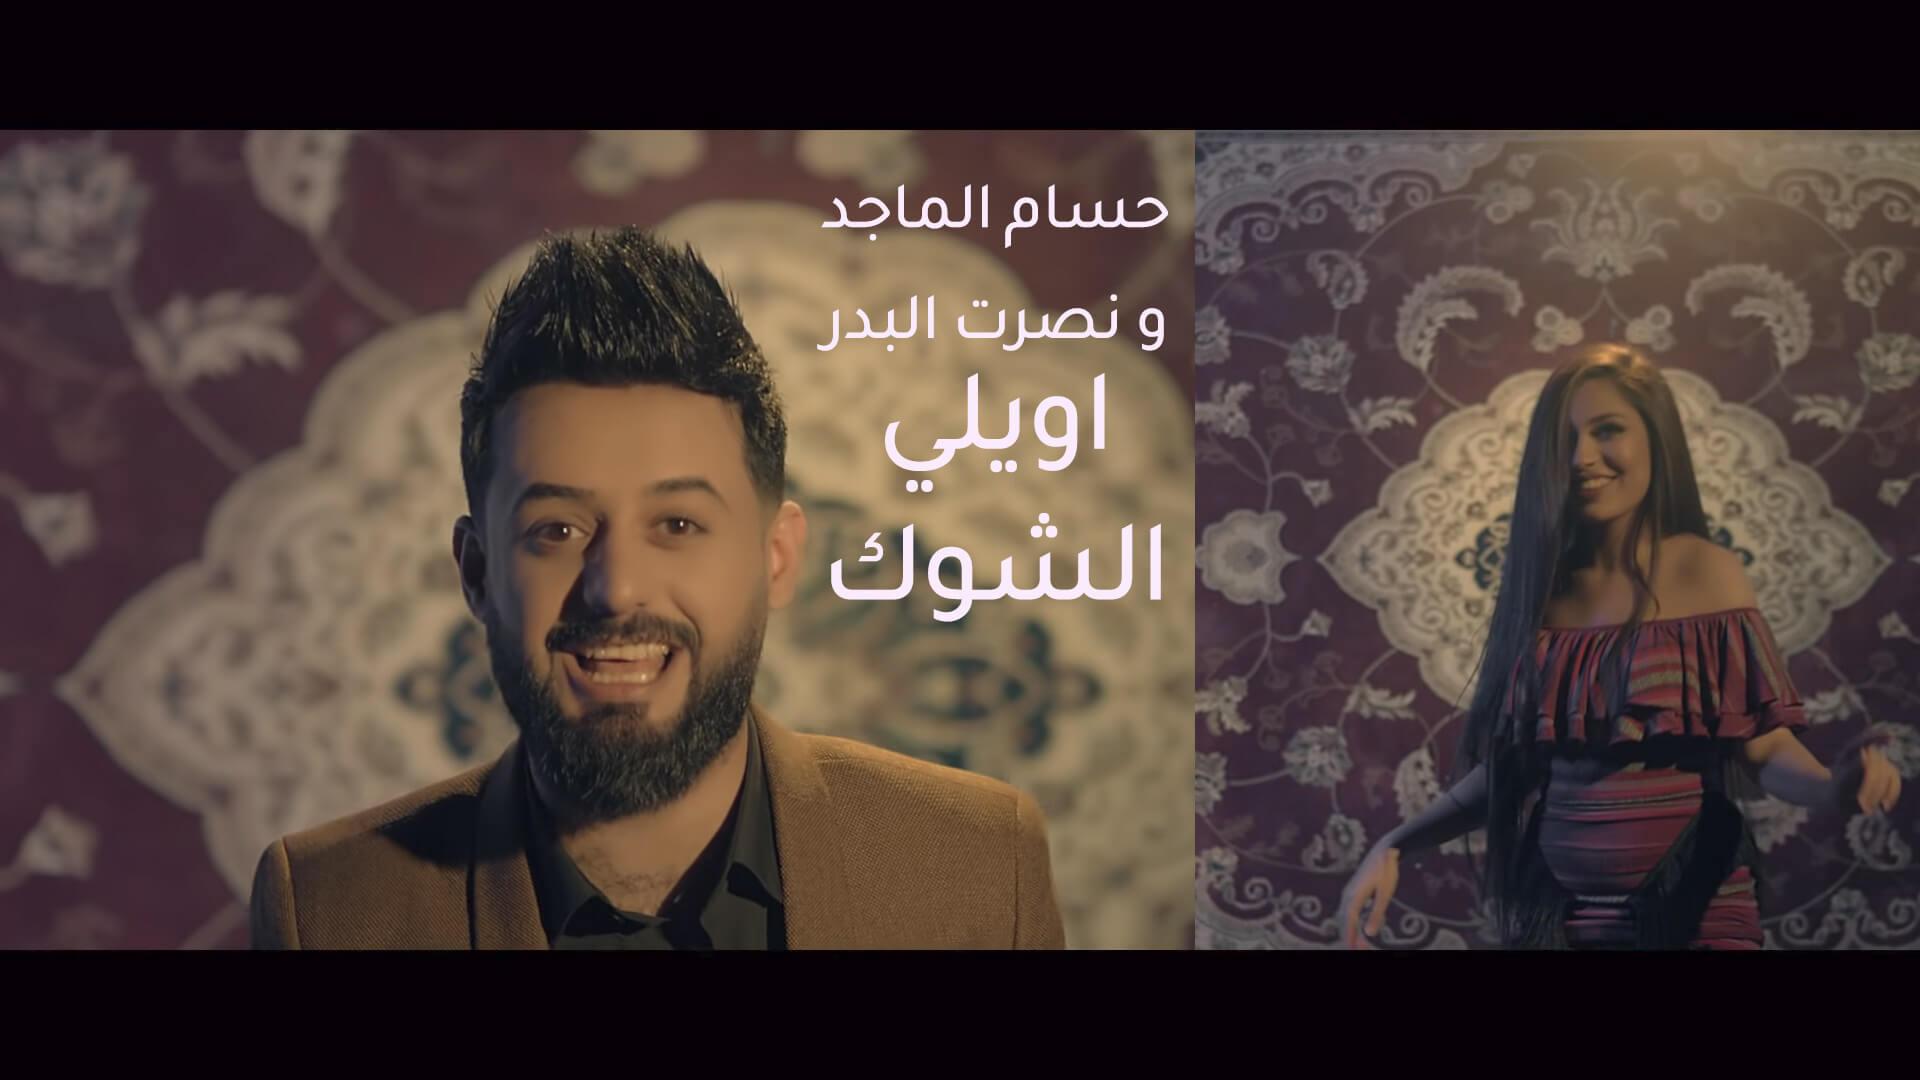 حسام الماجد و نصرت البدر – اويلي الشوك Hussim Almajed & Nasrat AlBadir – Awele Alshok